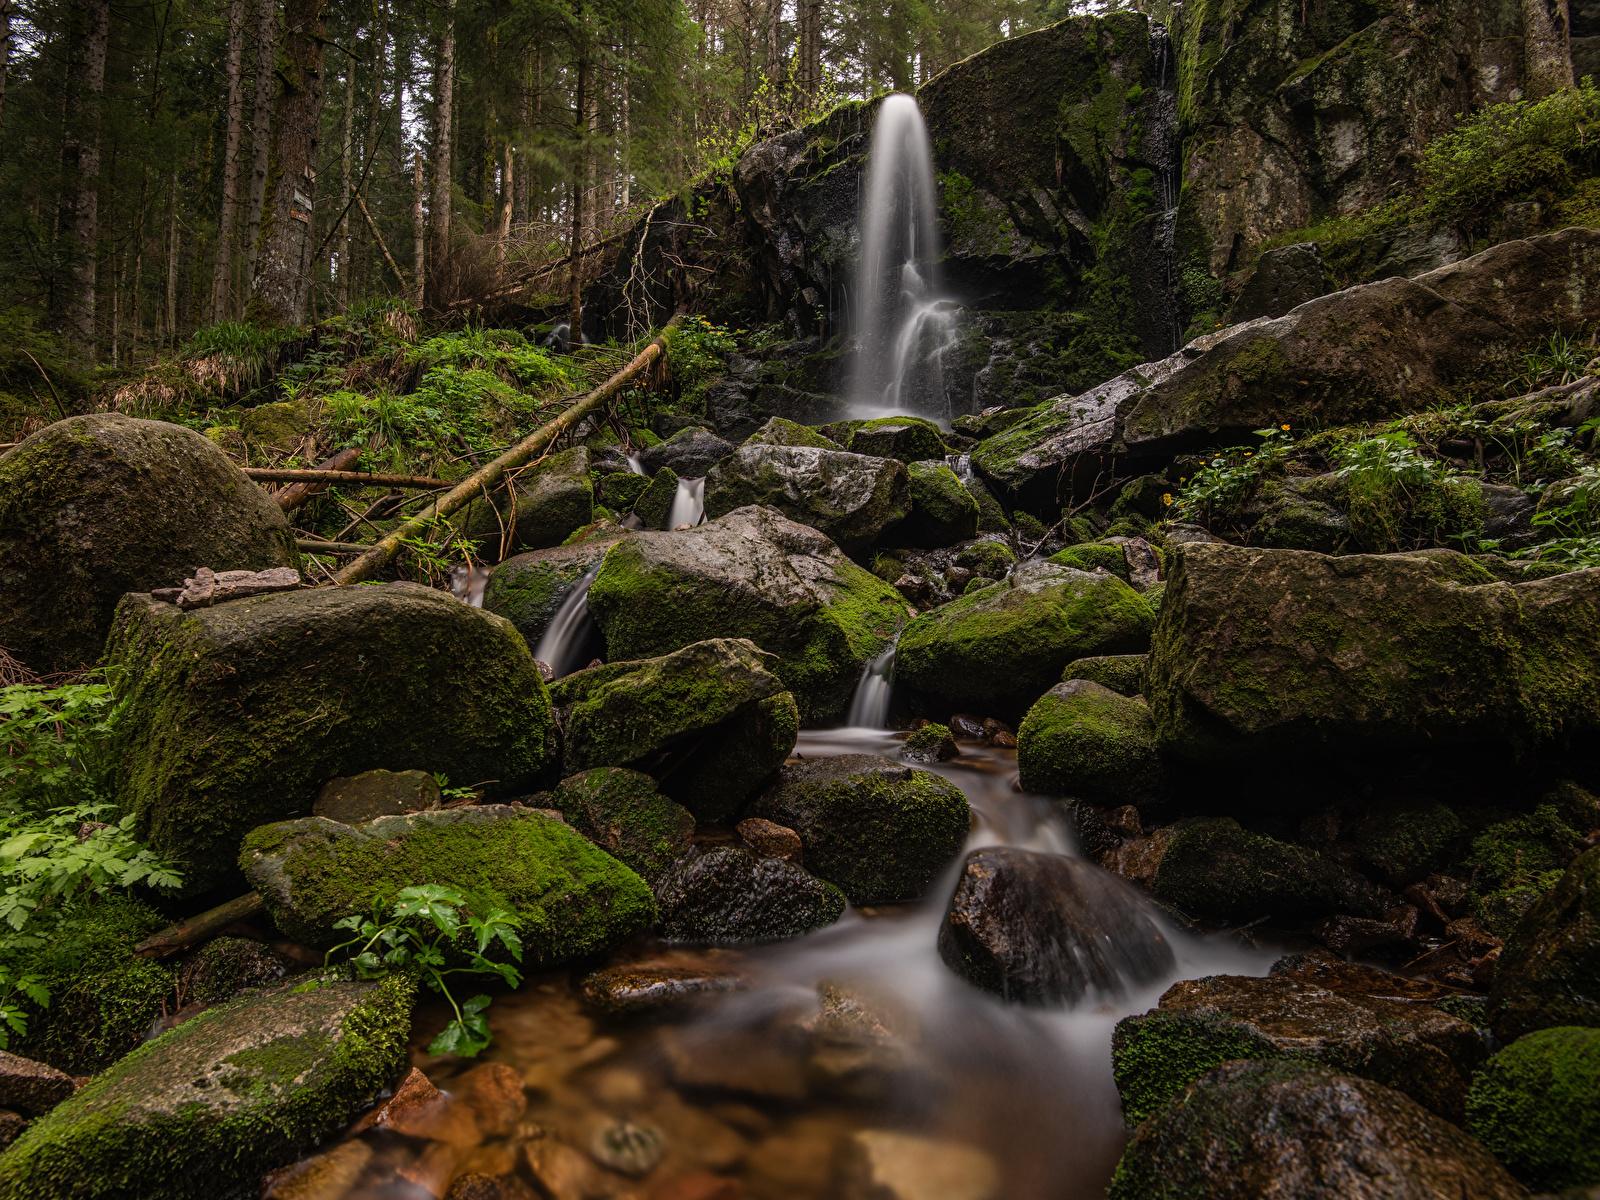 Фотографии Франция Cascade de Merelle скале Природа Водопады Леса Мох Камни 1600x1200 Утес скалы Скала мха мхом Камень